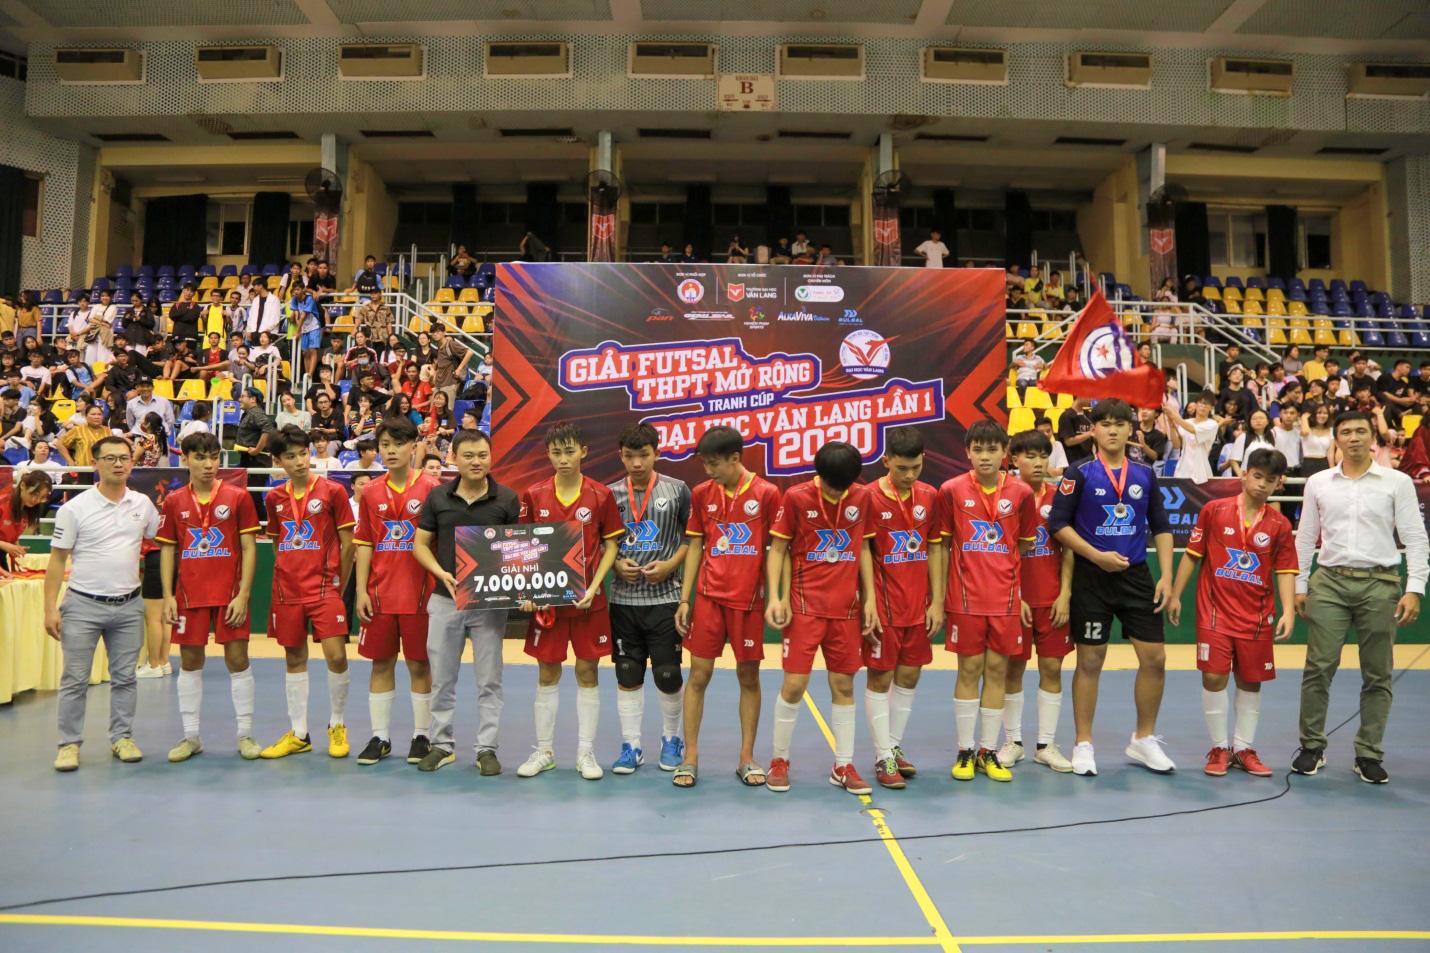 THPT Thanh Đa vô địch Giải Futsal học sinh THPT mở rộng tranh cúp ĐH Văn Lang năm 2020 - Ảnh 4.